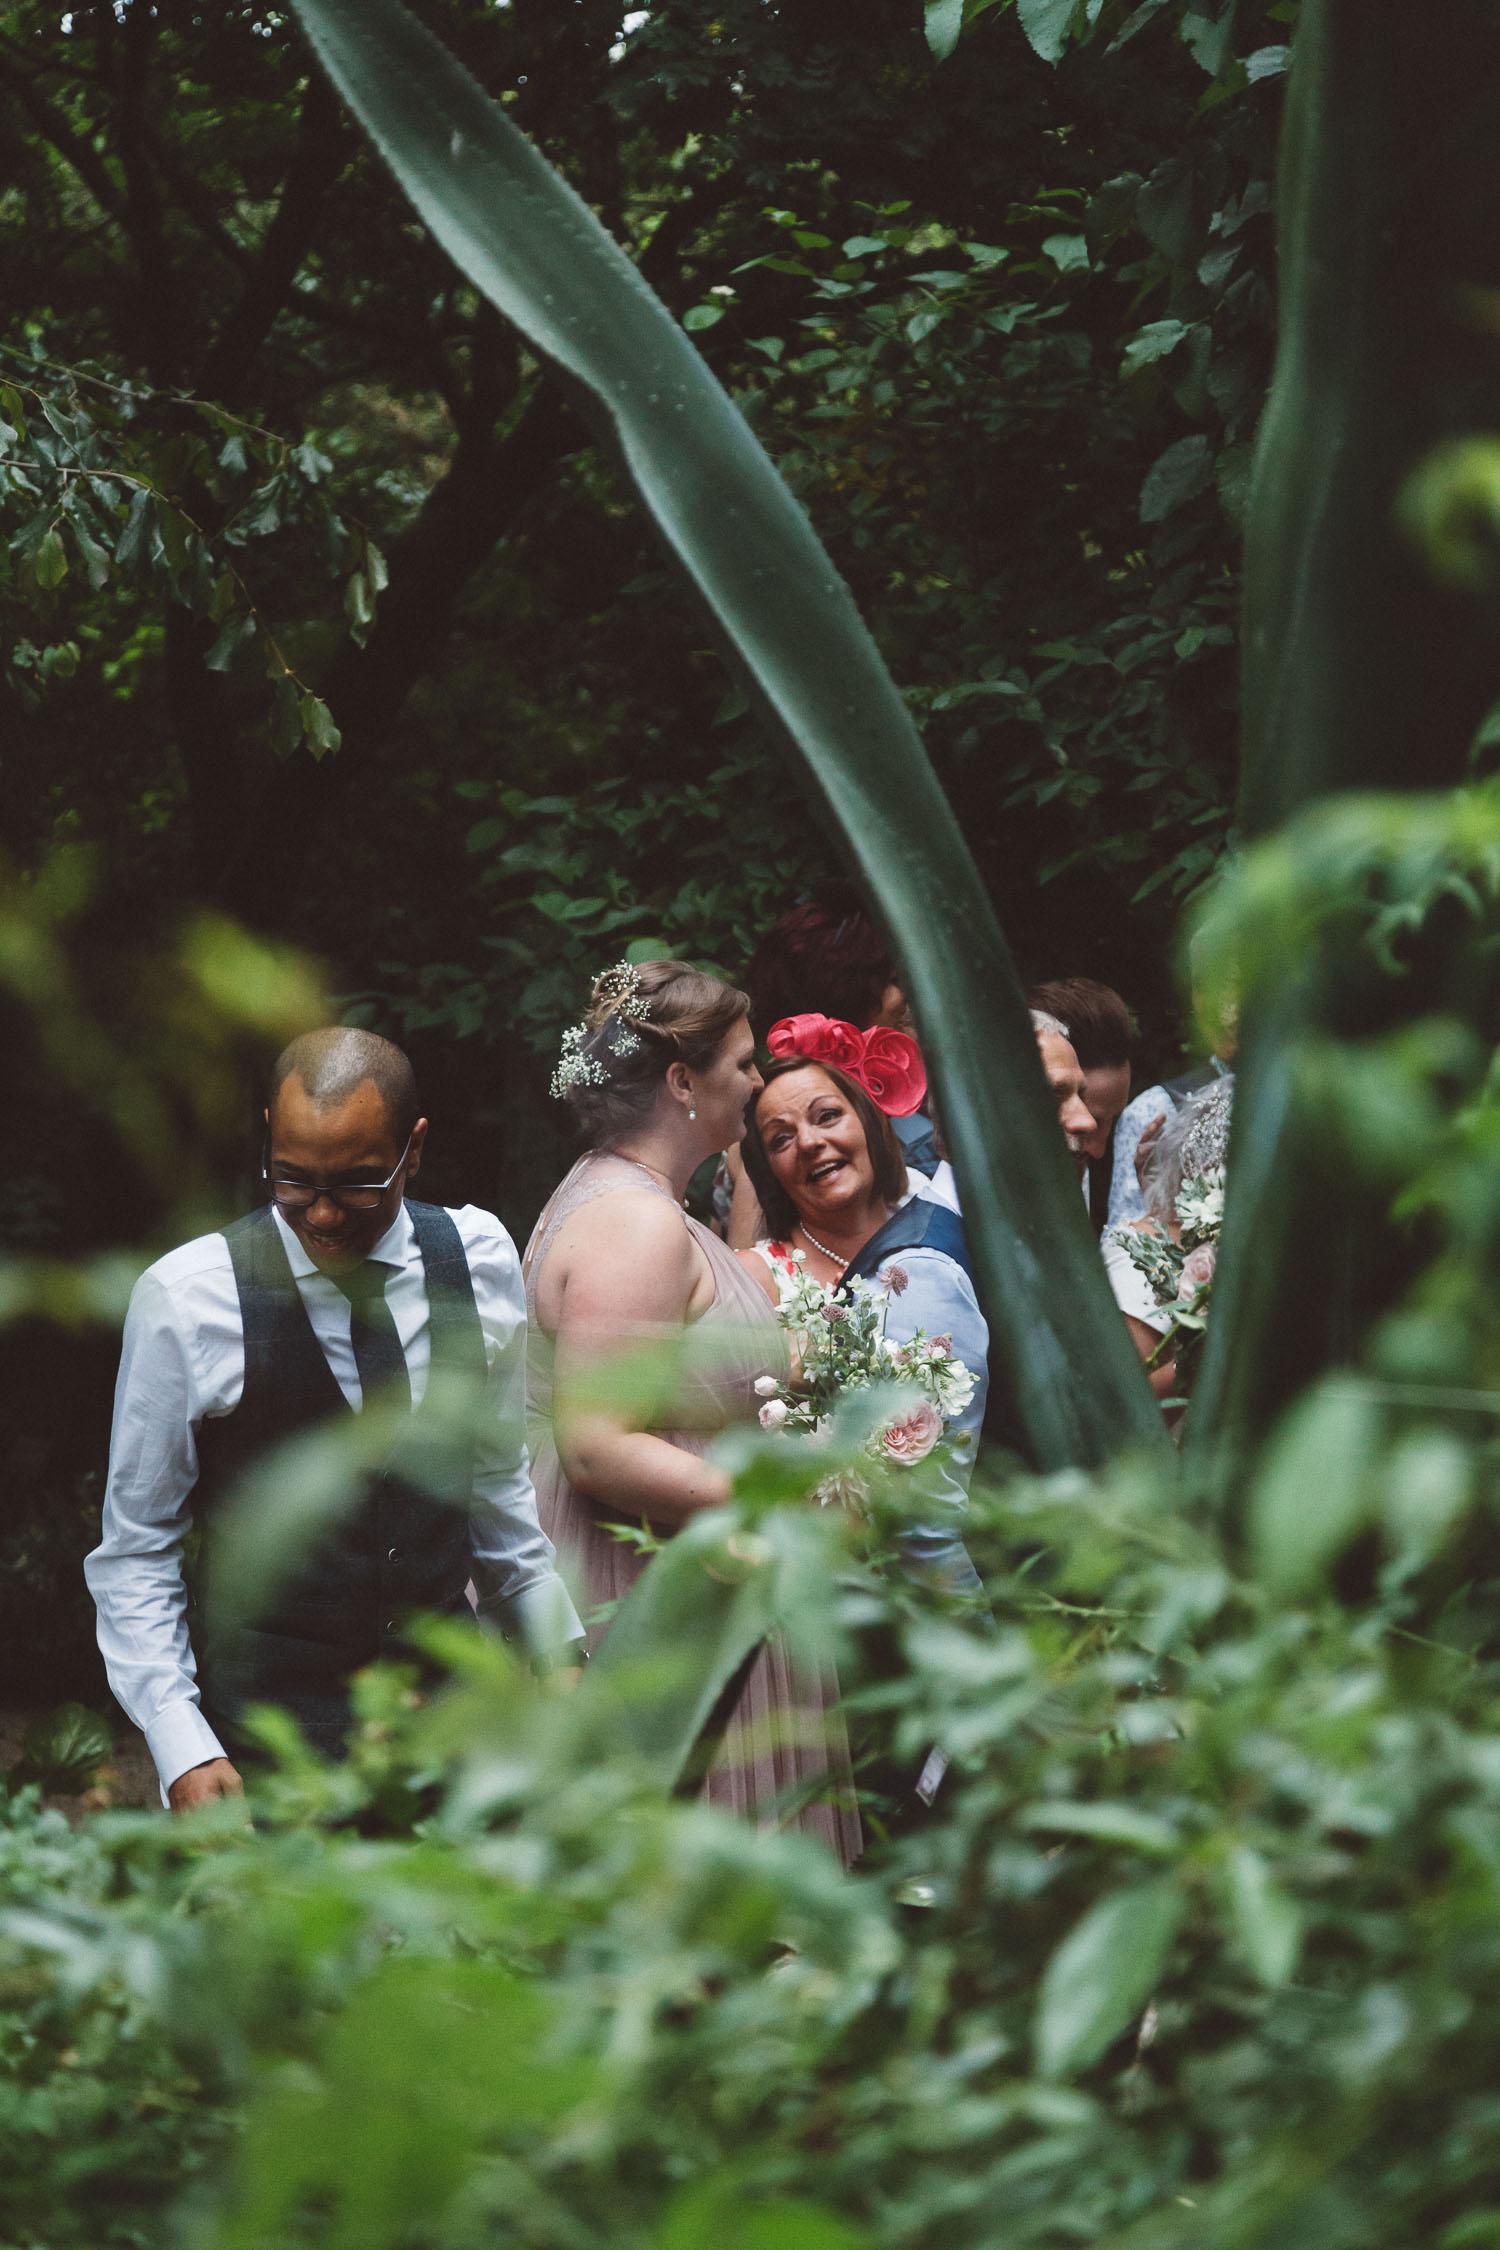 Wedding-Bethan-and-Mike-Hortus-Botanicus-photography-On-a-hazy-morning-Amsterdam250.jpg